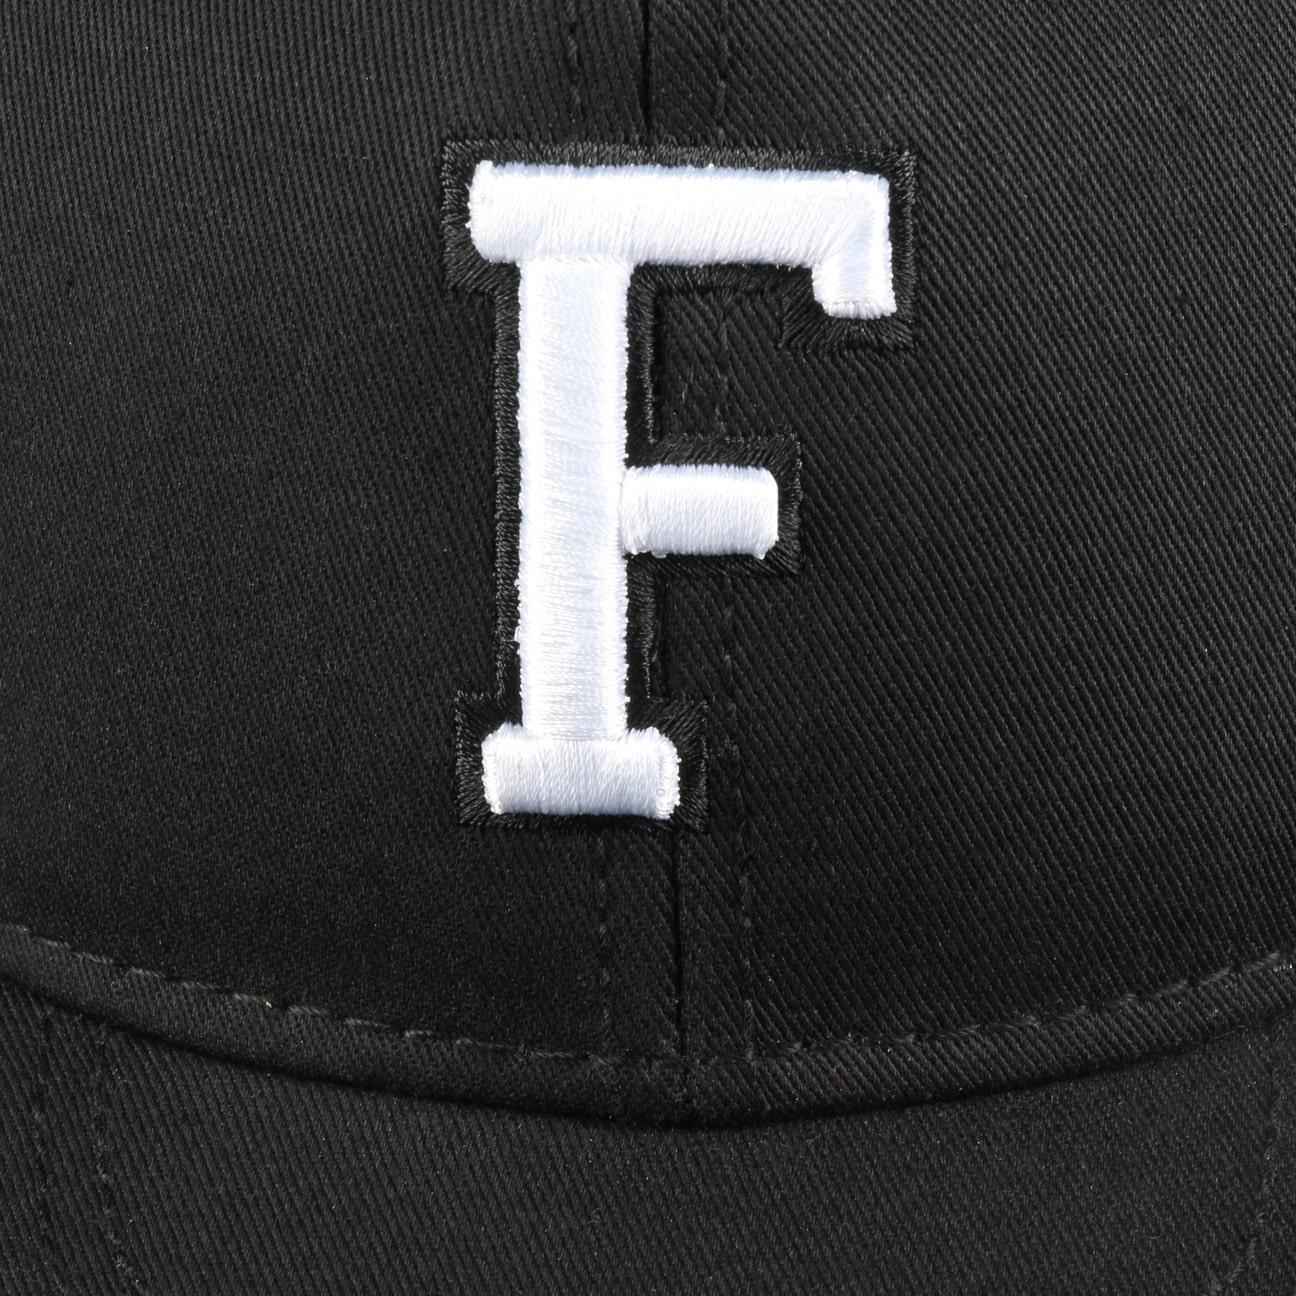 ... F Letter Snapback Cap - black 4 ... 503c3d27eb6